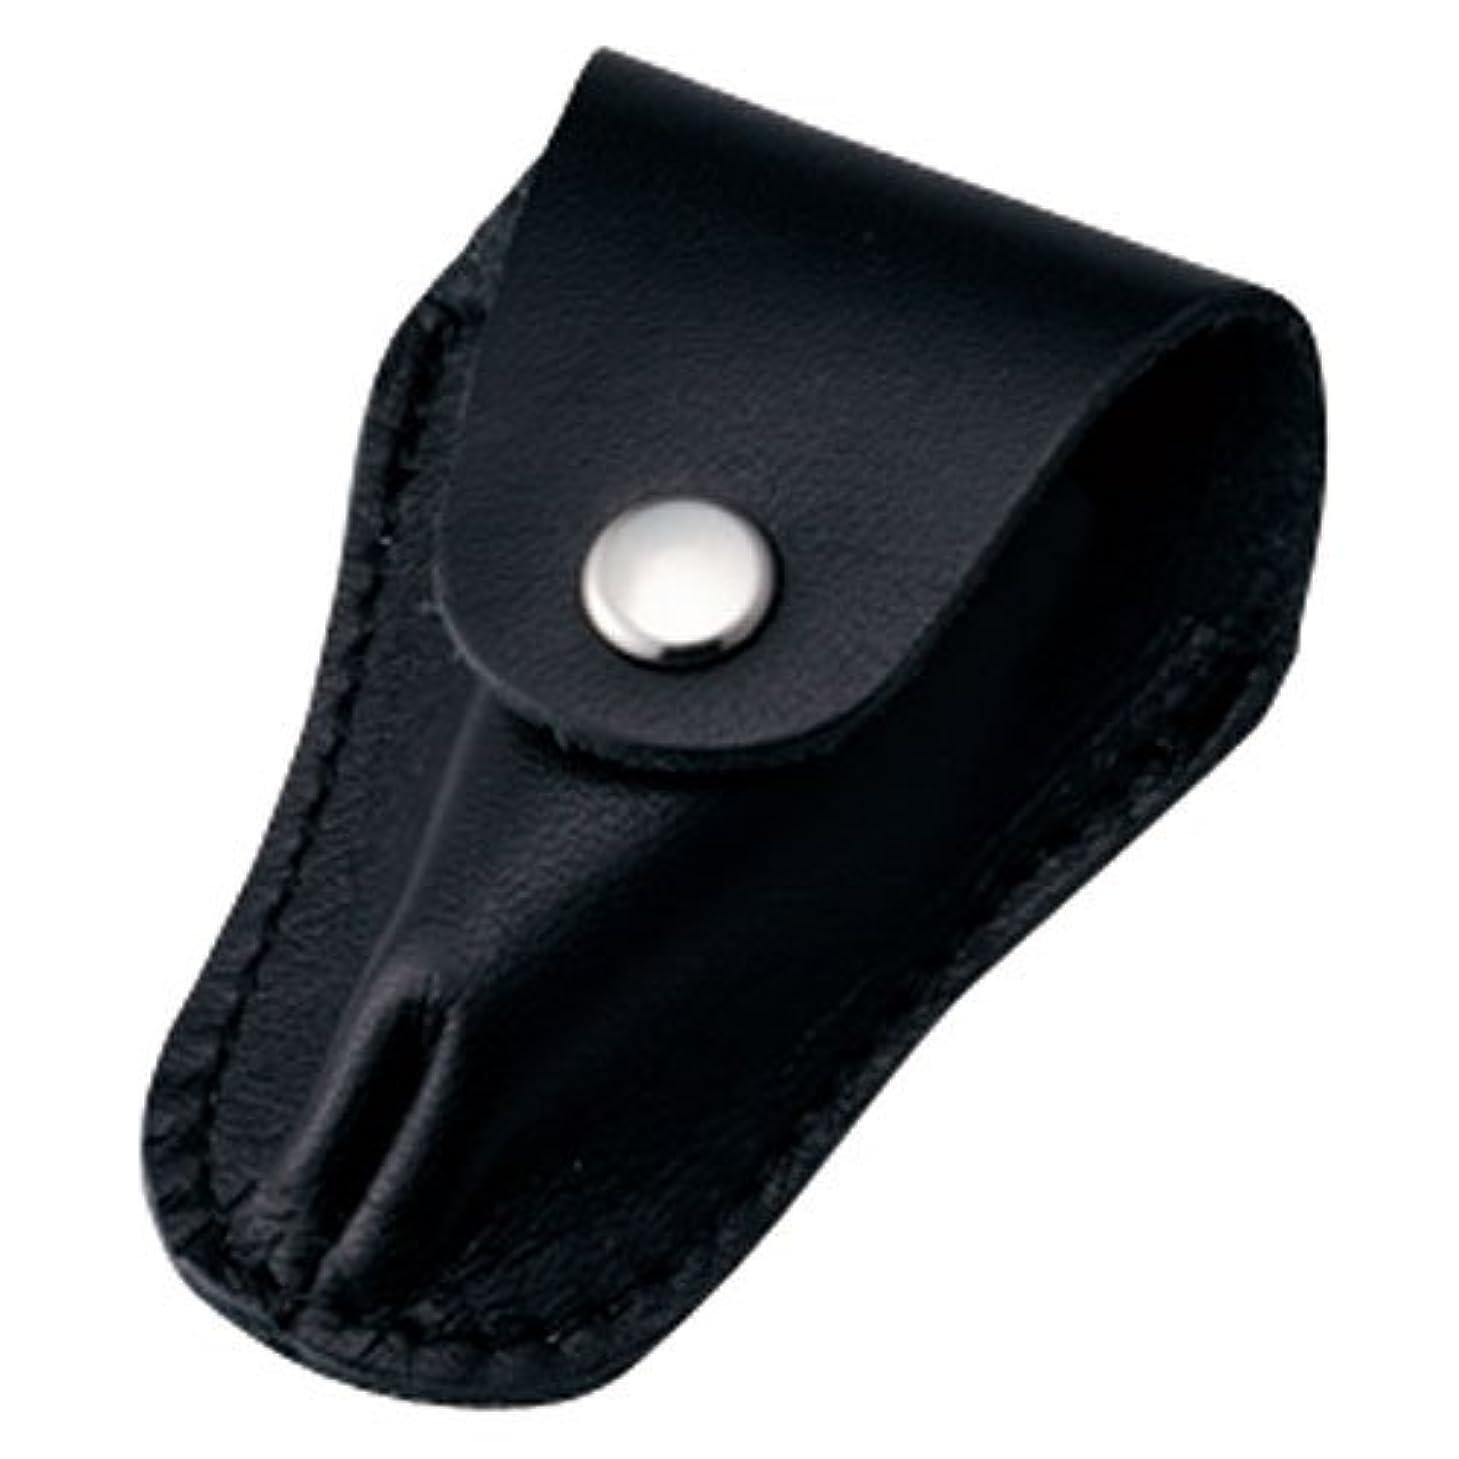 ディスク対処修正する内海 ニッパーキャップL ブラック 本革製のキューティクルニッパー用刃先カバー